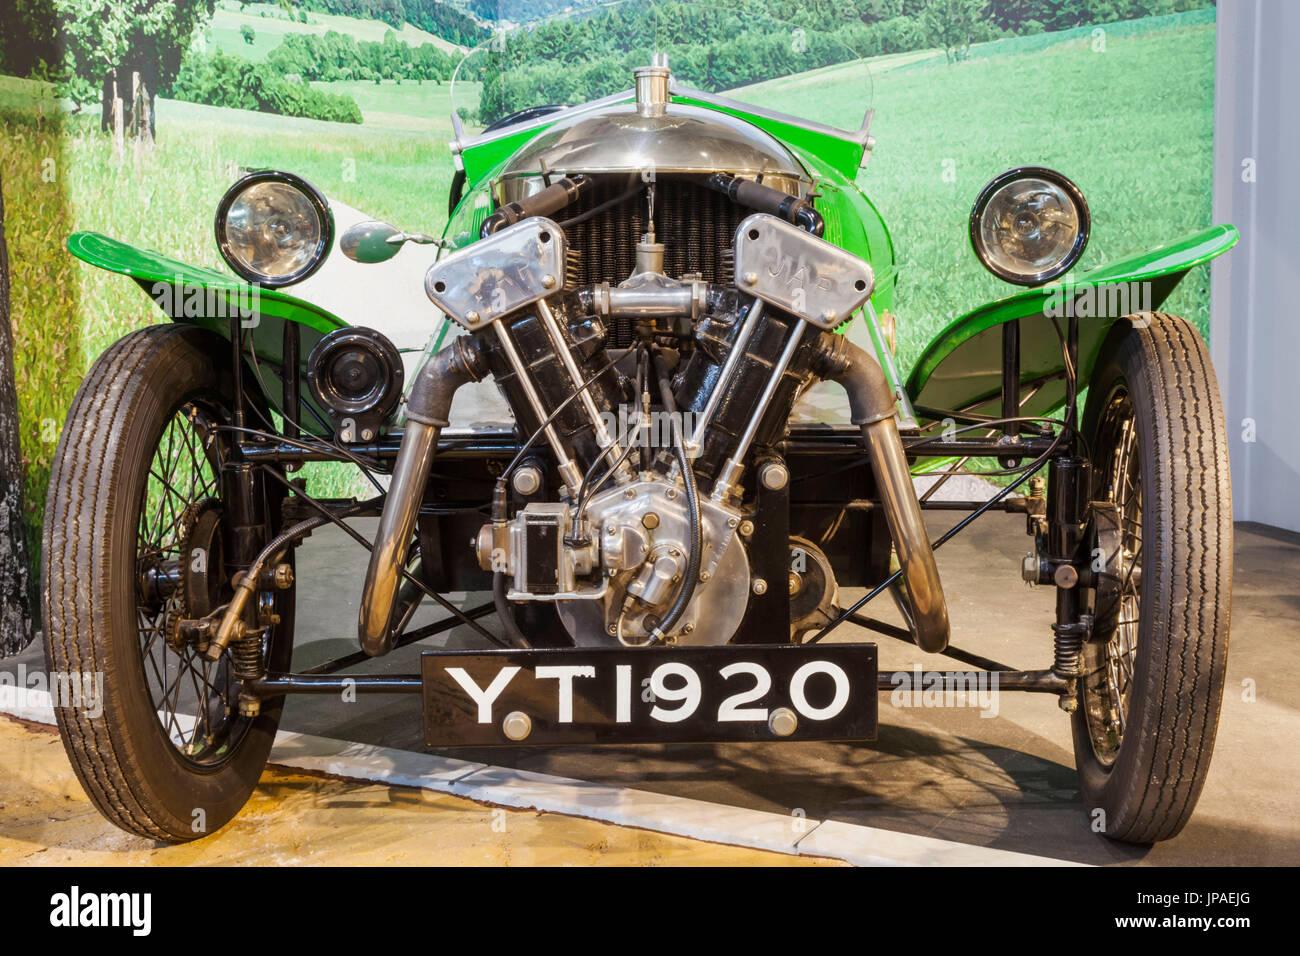 England, Hampshire, New Forest, Beaulieu, The National Motor Museum, Ausstellung von Morgan Aero datiert 1927 Stockbild